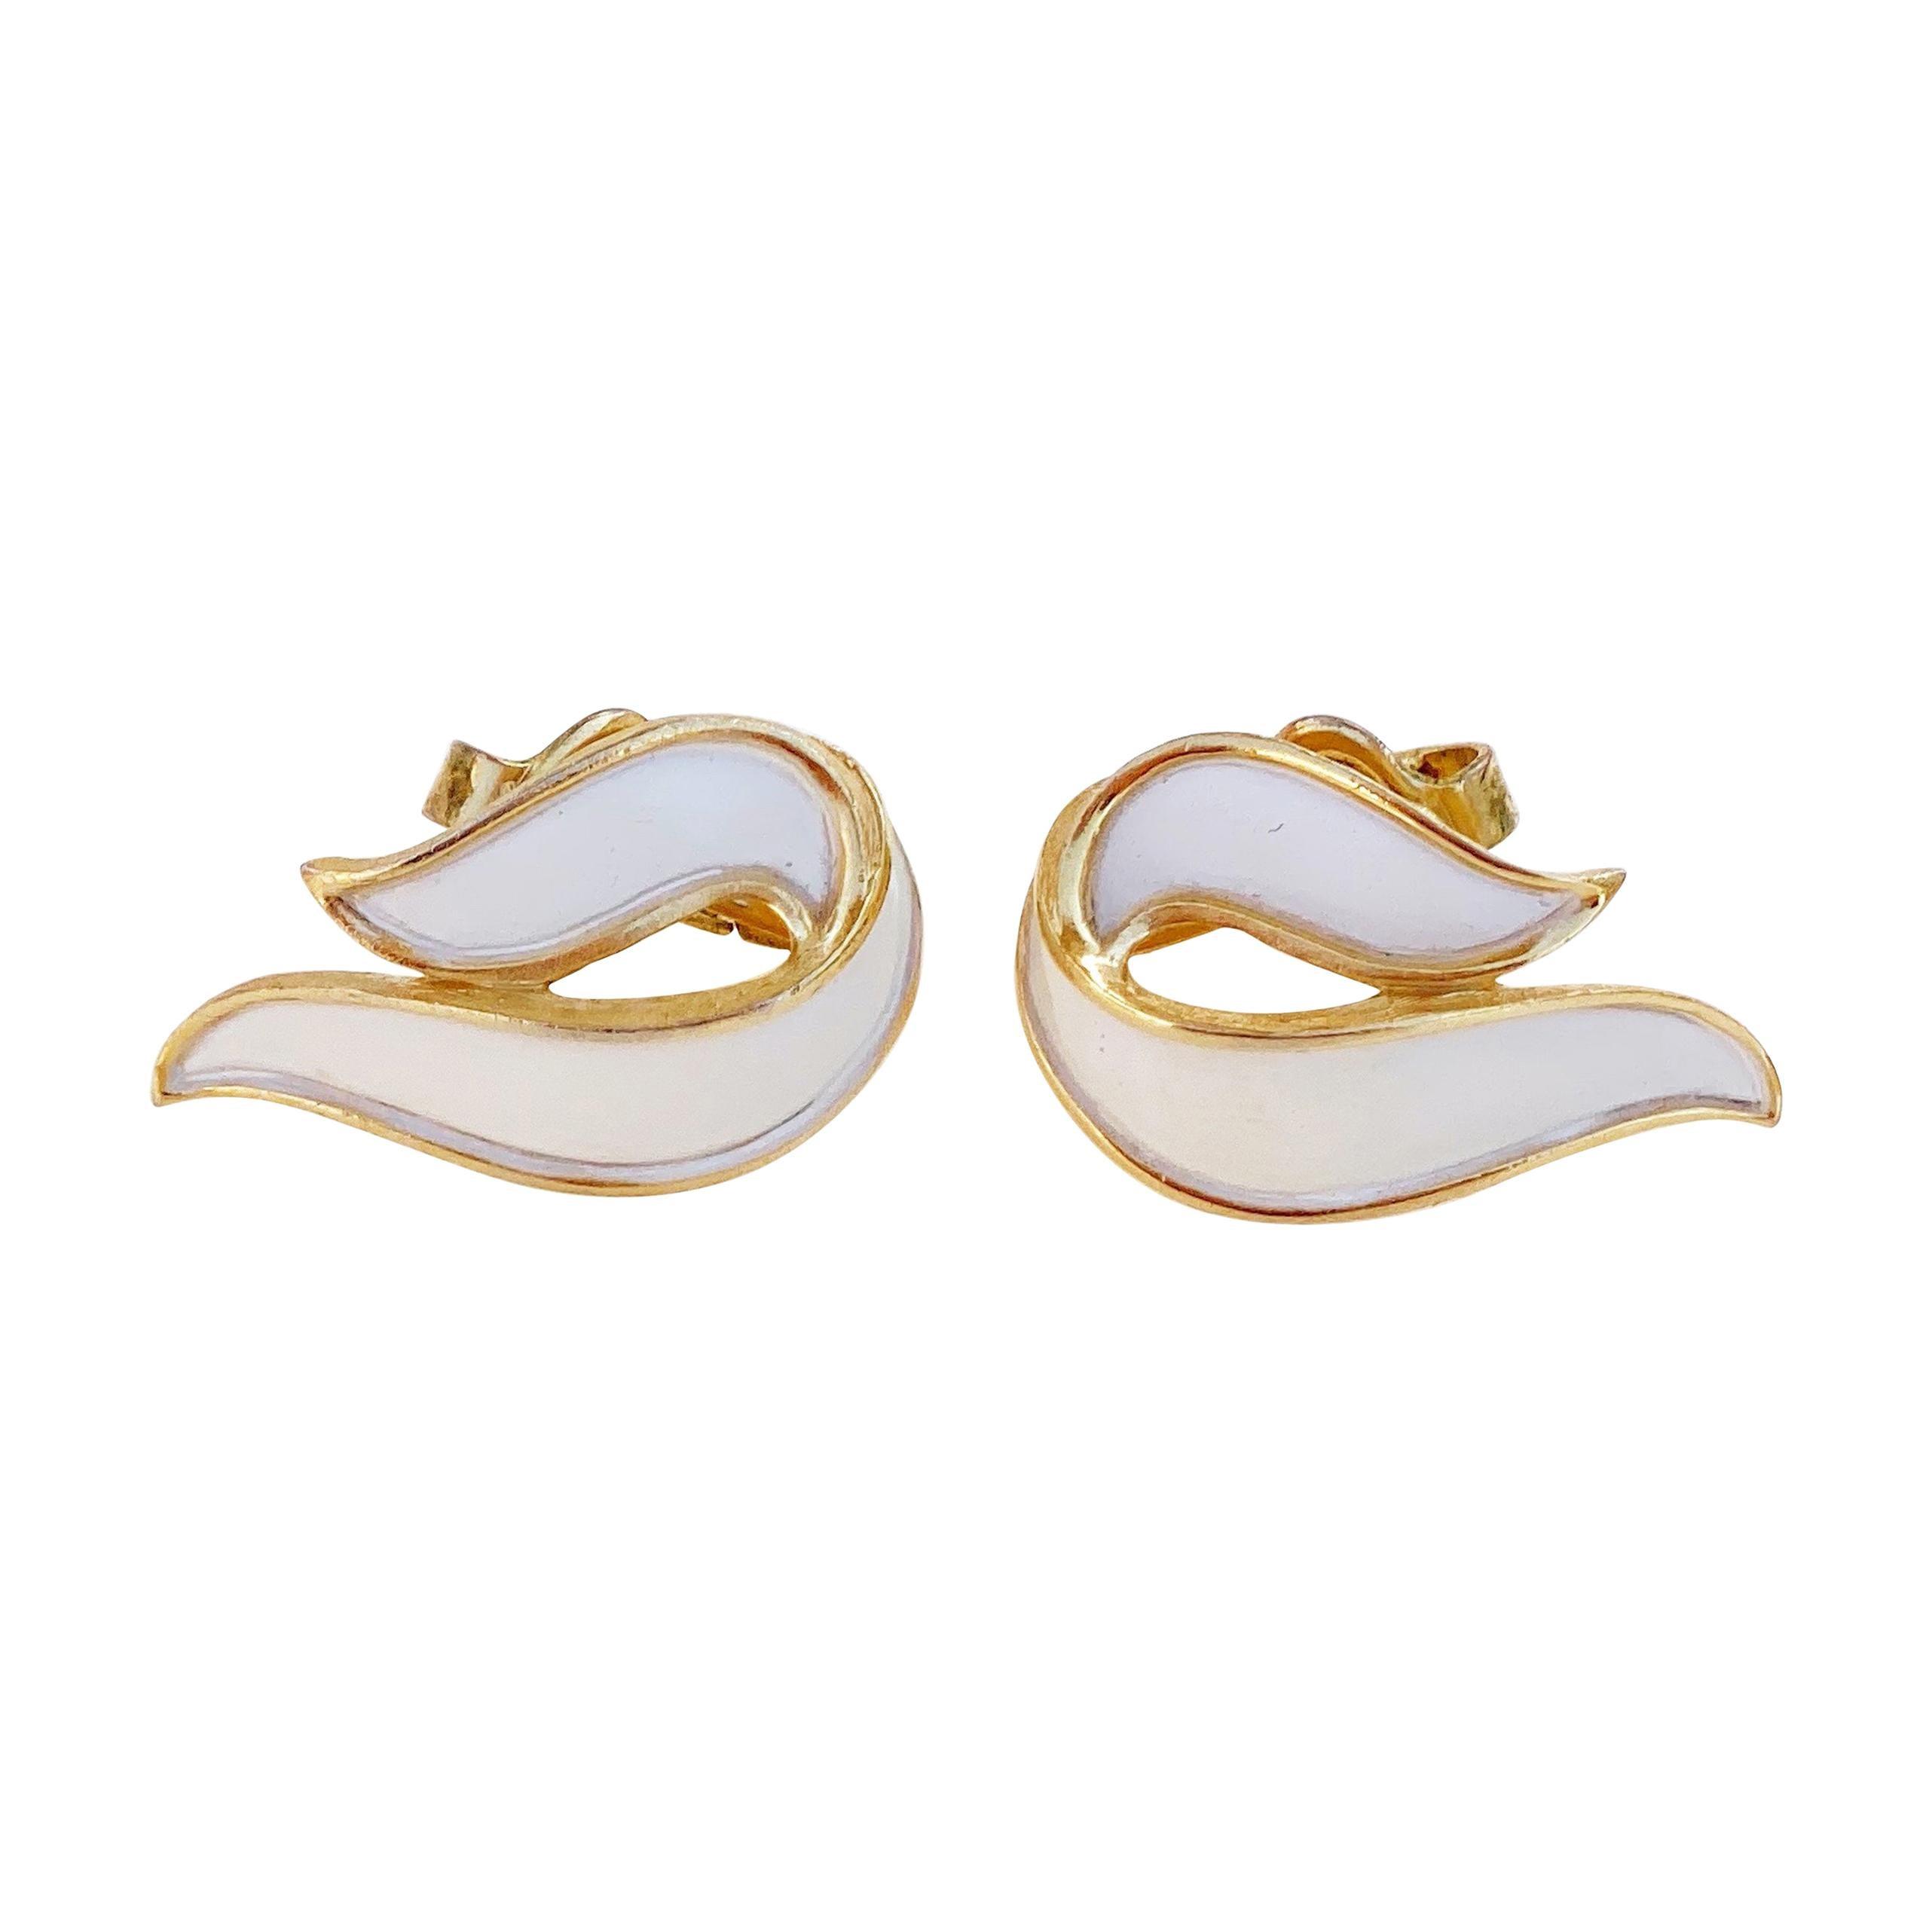 Vintage 1960s 60s Trifari Earrings Clip On Earrings Silver Tone Big Button Earrings Vintage Trifari Wave Design 60s Jewelry 60s Earrings